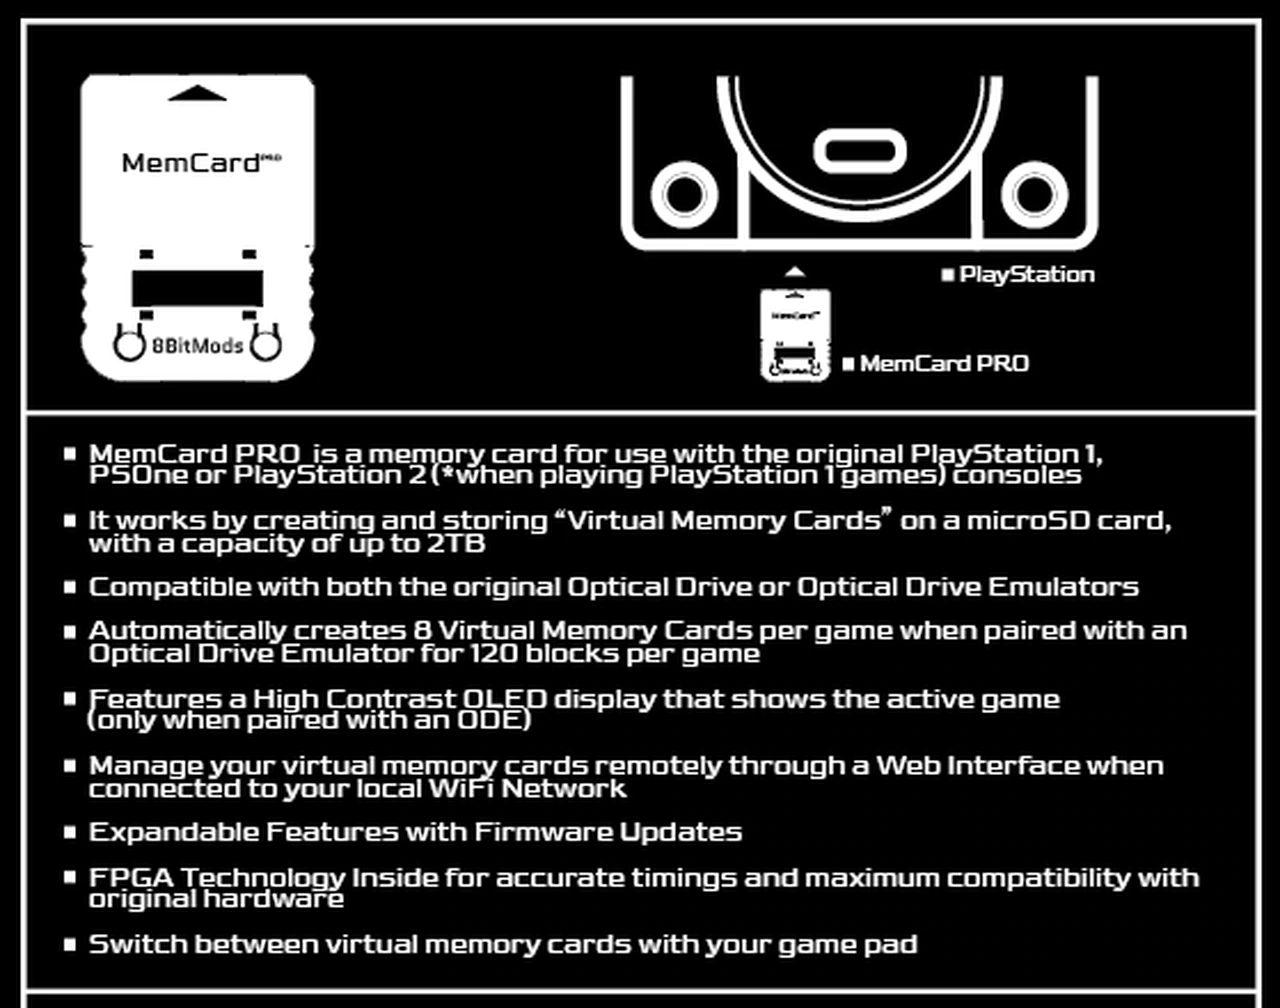 memcardpro 8bitmods 1 - Zapomnij o ograniczonym miejscu na twojej karcie pamięci! Wszystko dzięki MemCard PRO od 8BitMods.